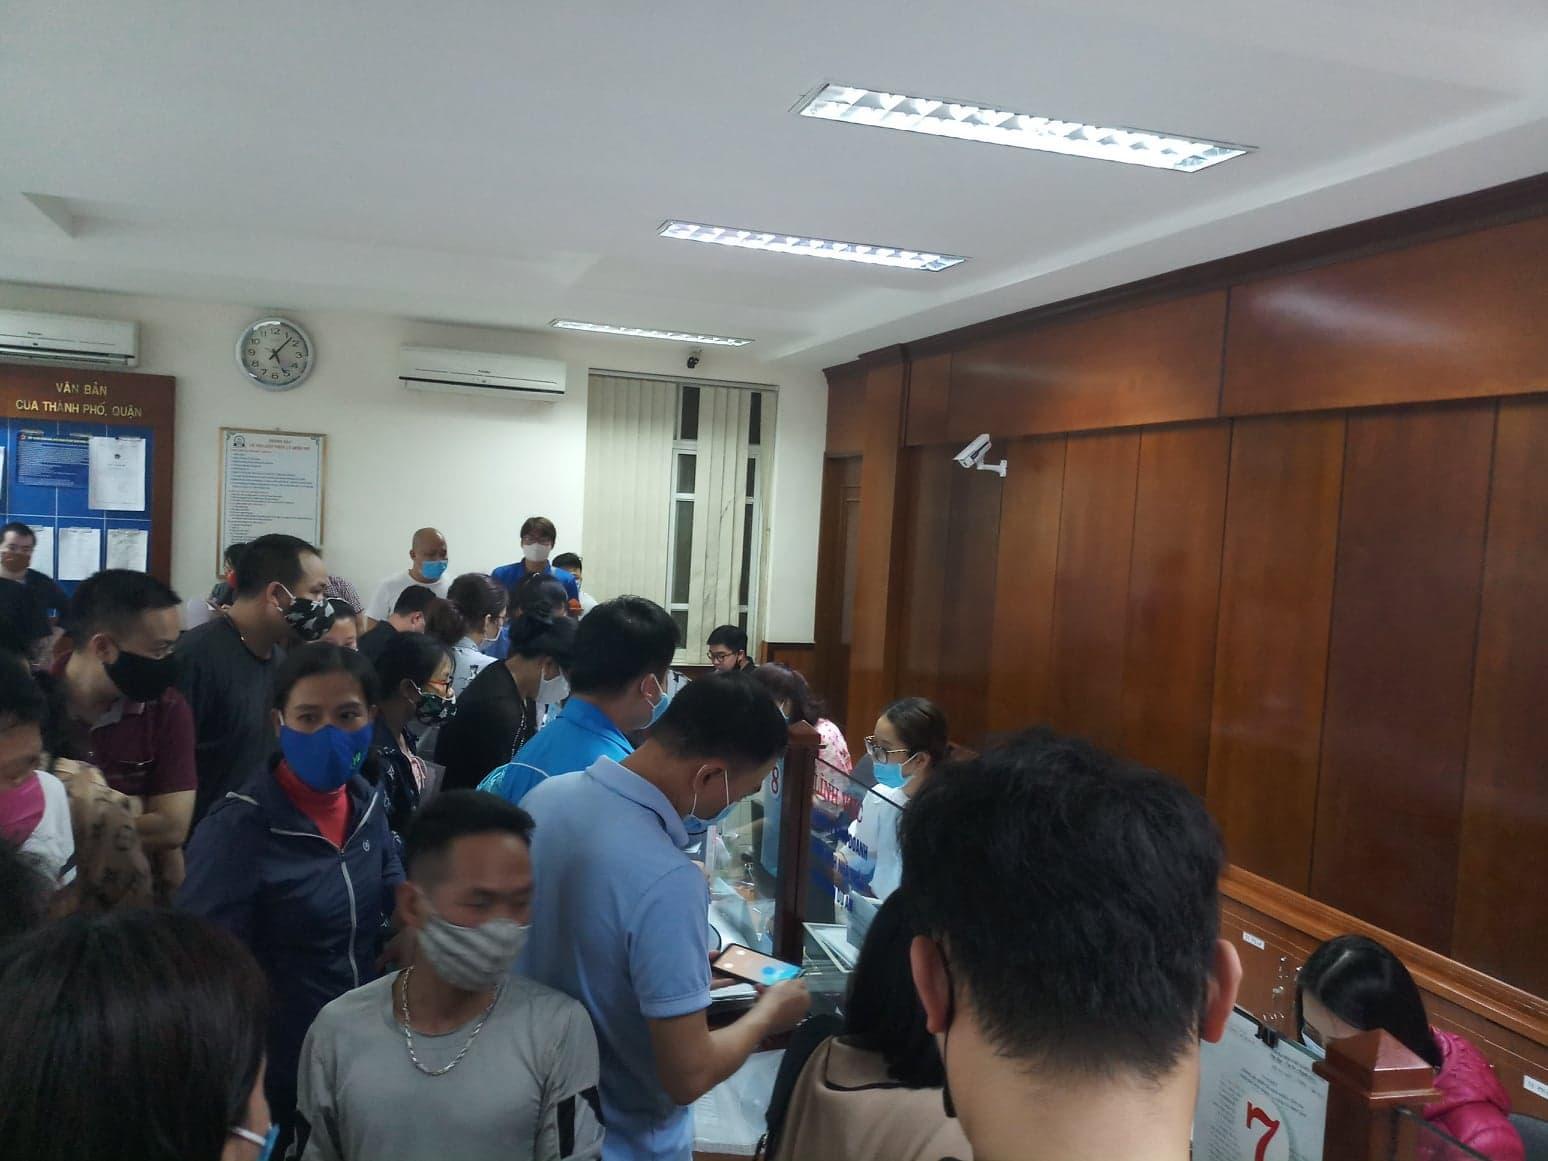 Sau cảnh chen lấn, Hải Phòng tạm dừng cấp giấy xác nhận cho xe chở hàng hóa ra vào thành phố - Ảnh 2